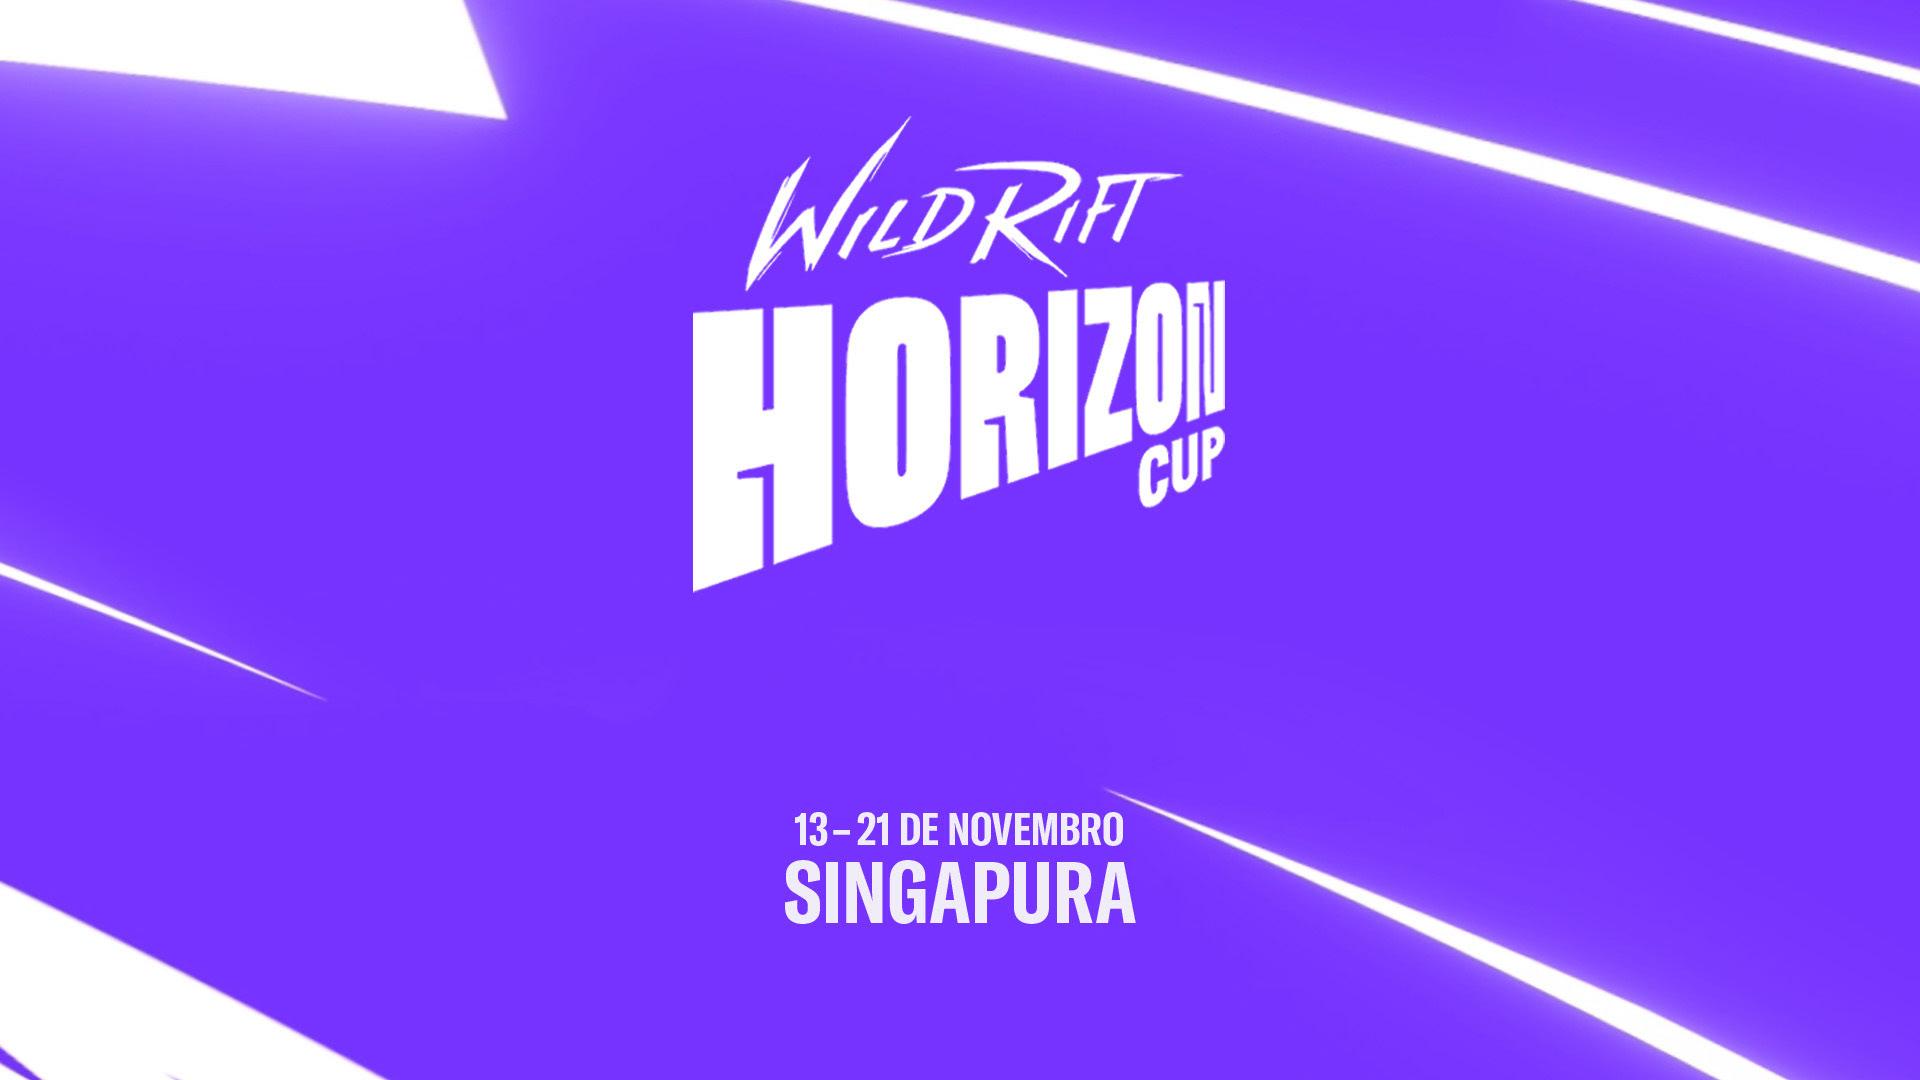 Wild Rift Horizon Cup é apresentado pela Riot Games